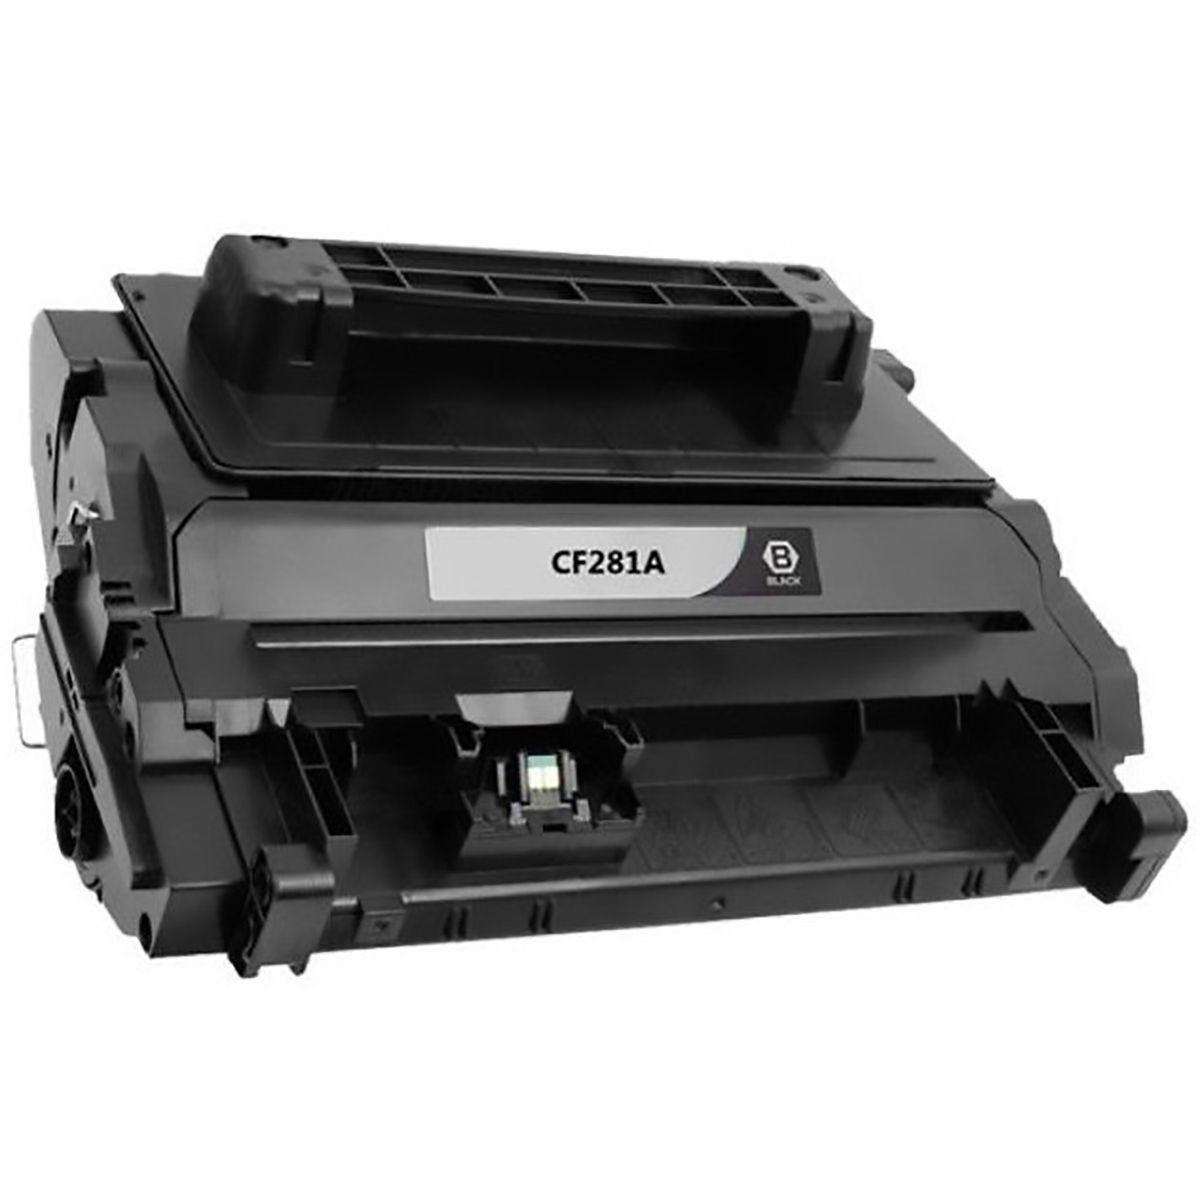 TONER HP CF281A  281a 81a m604/m605/m606/m630 10K - COMPATIVEL IMPORTADO